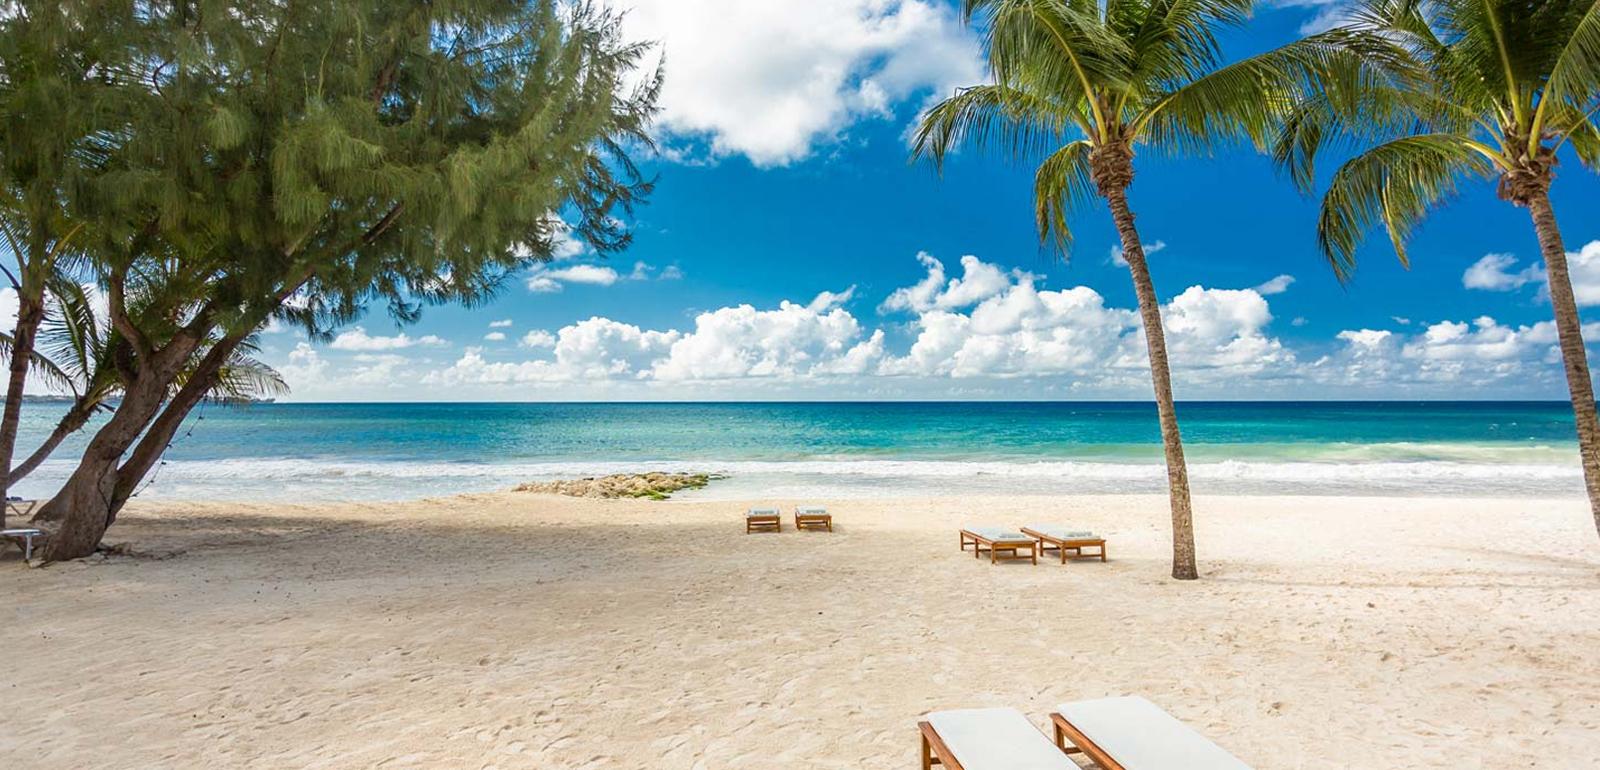 Barbados Honeymoon - Sandals Barbados - Header